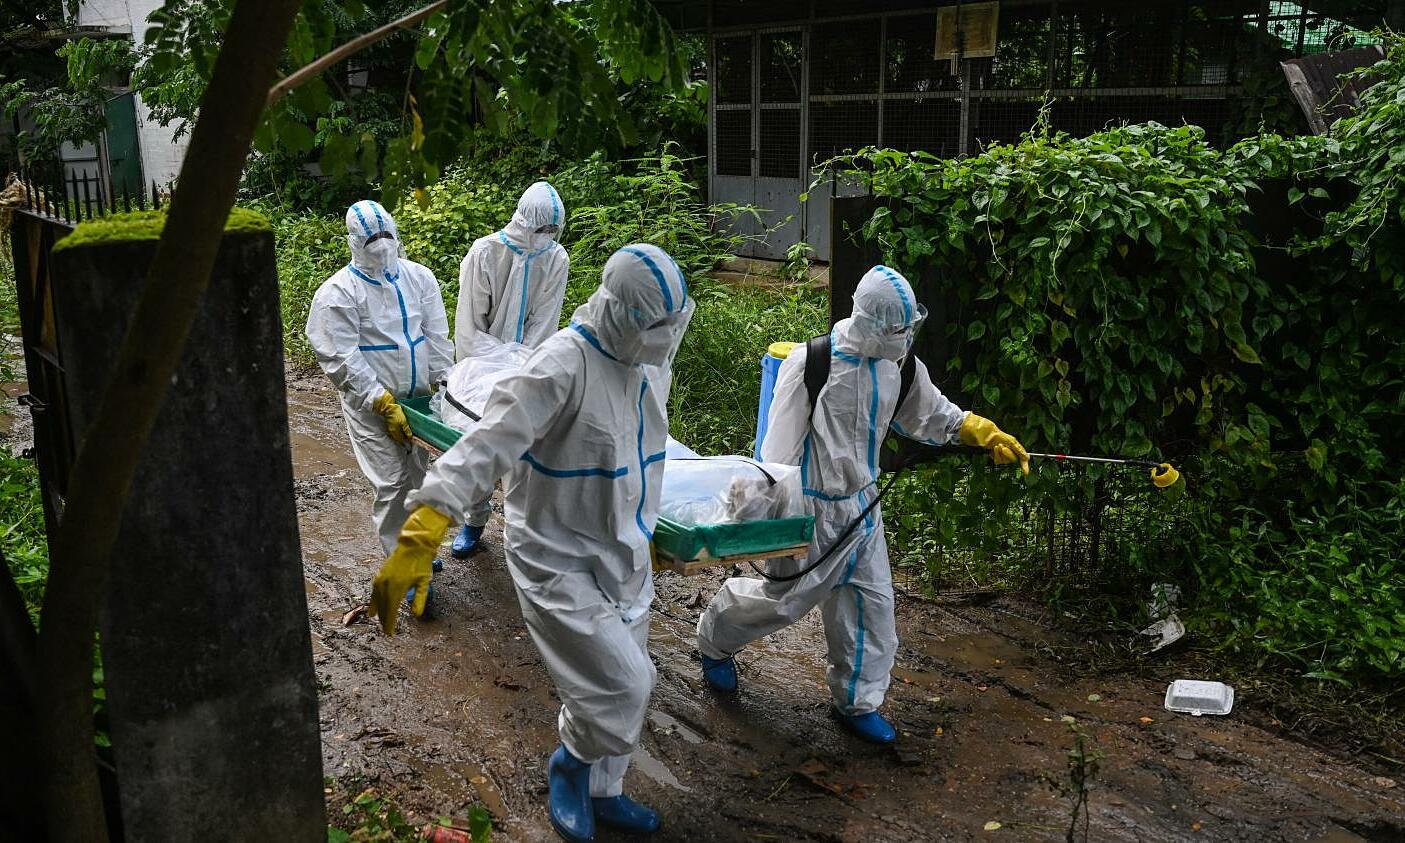 Tình nguyện viên đưa thi thể bệnh nhân Covid-19 đến một nghĩa trang tại Yangon, Myanmar. Ảnh: AFP.